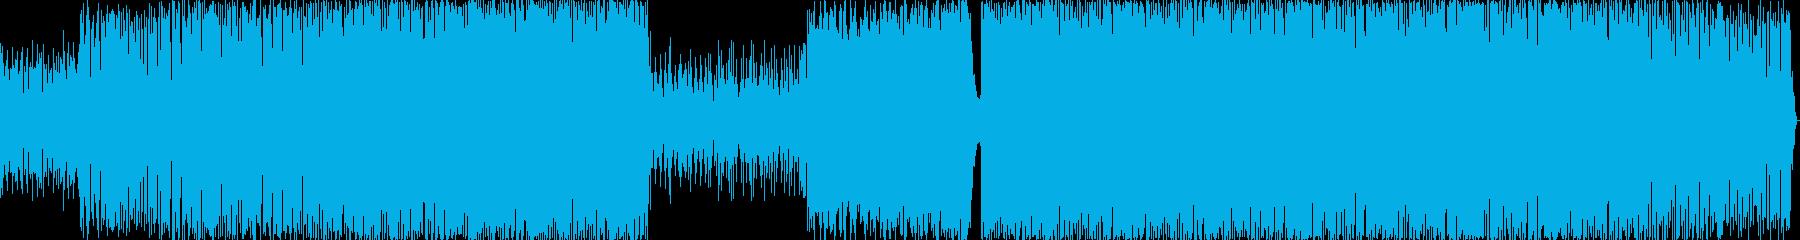 陽気で熱狂的なエレクトロ/ダンスト...の再生済みの波形